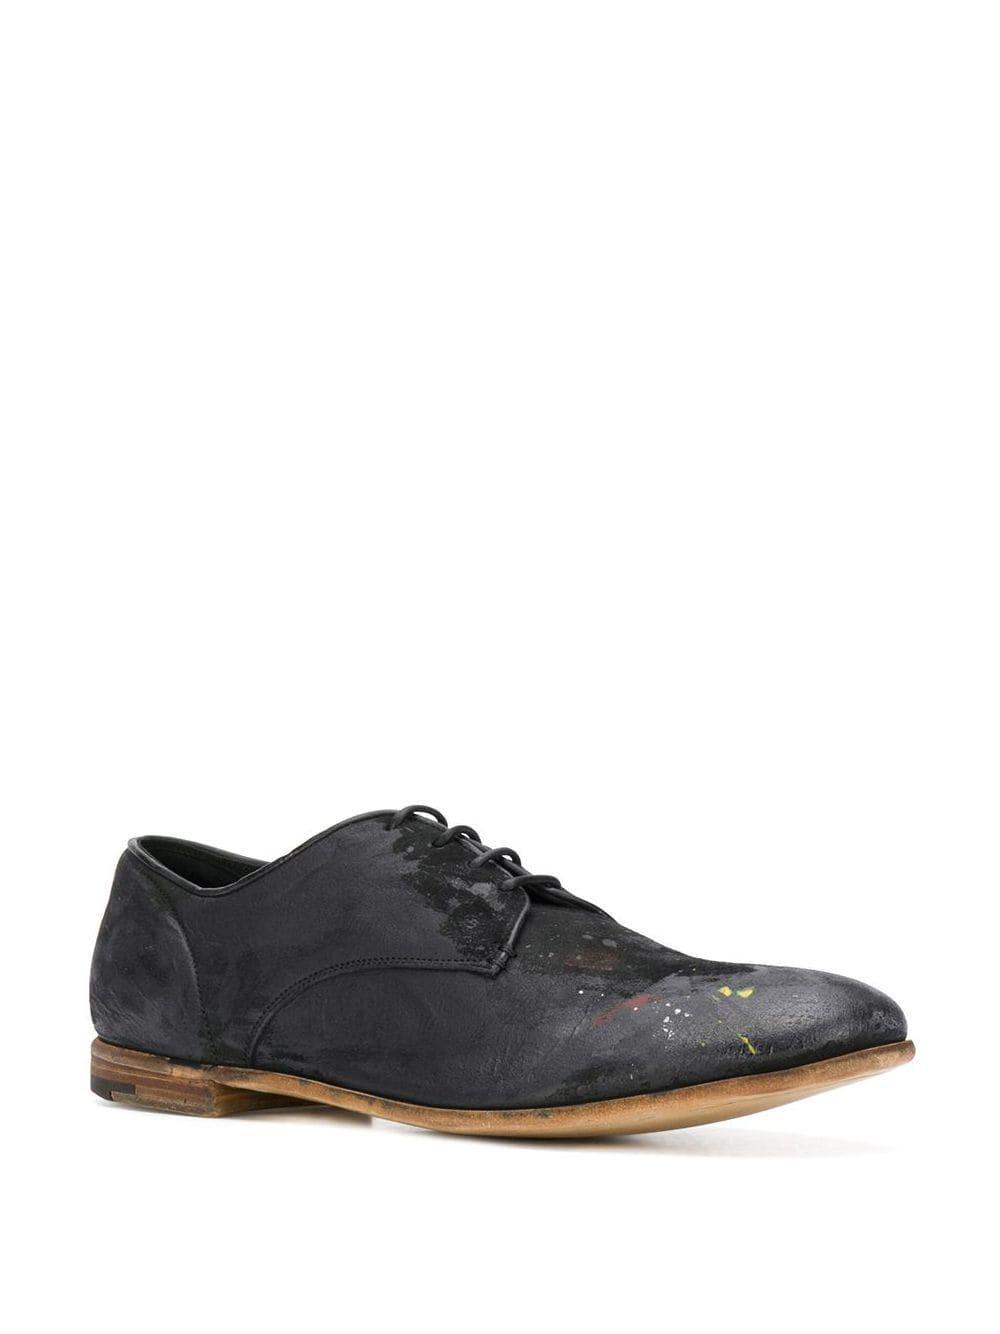 Premiata Suède Oxford Schoenen in het Zwart voor heren